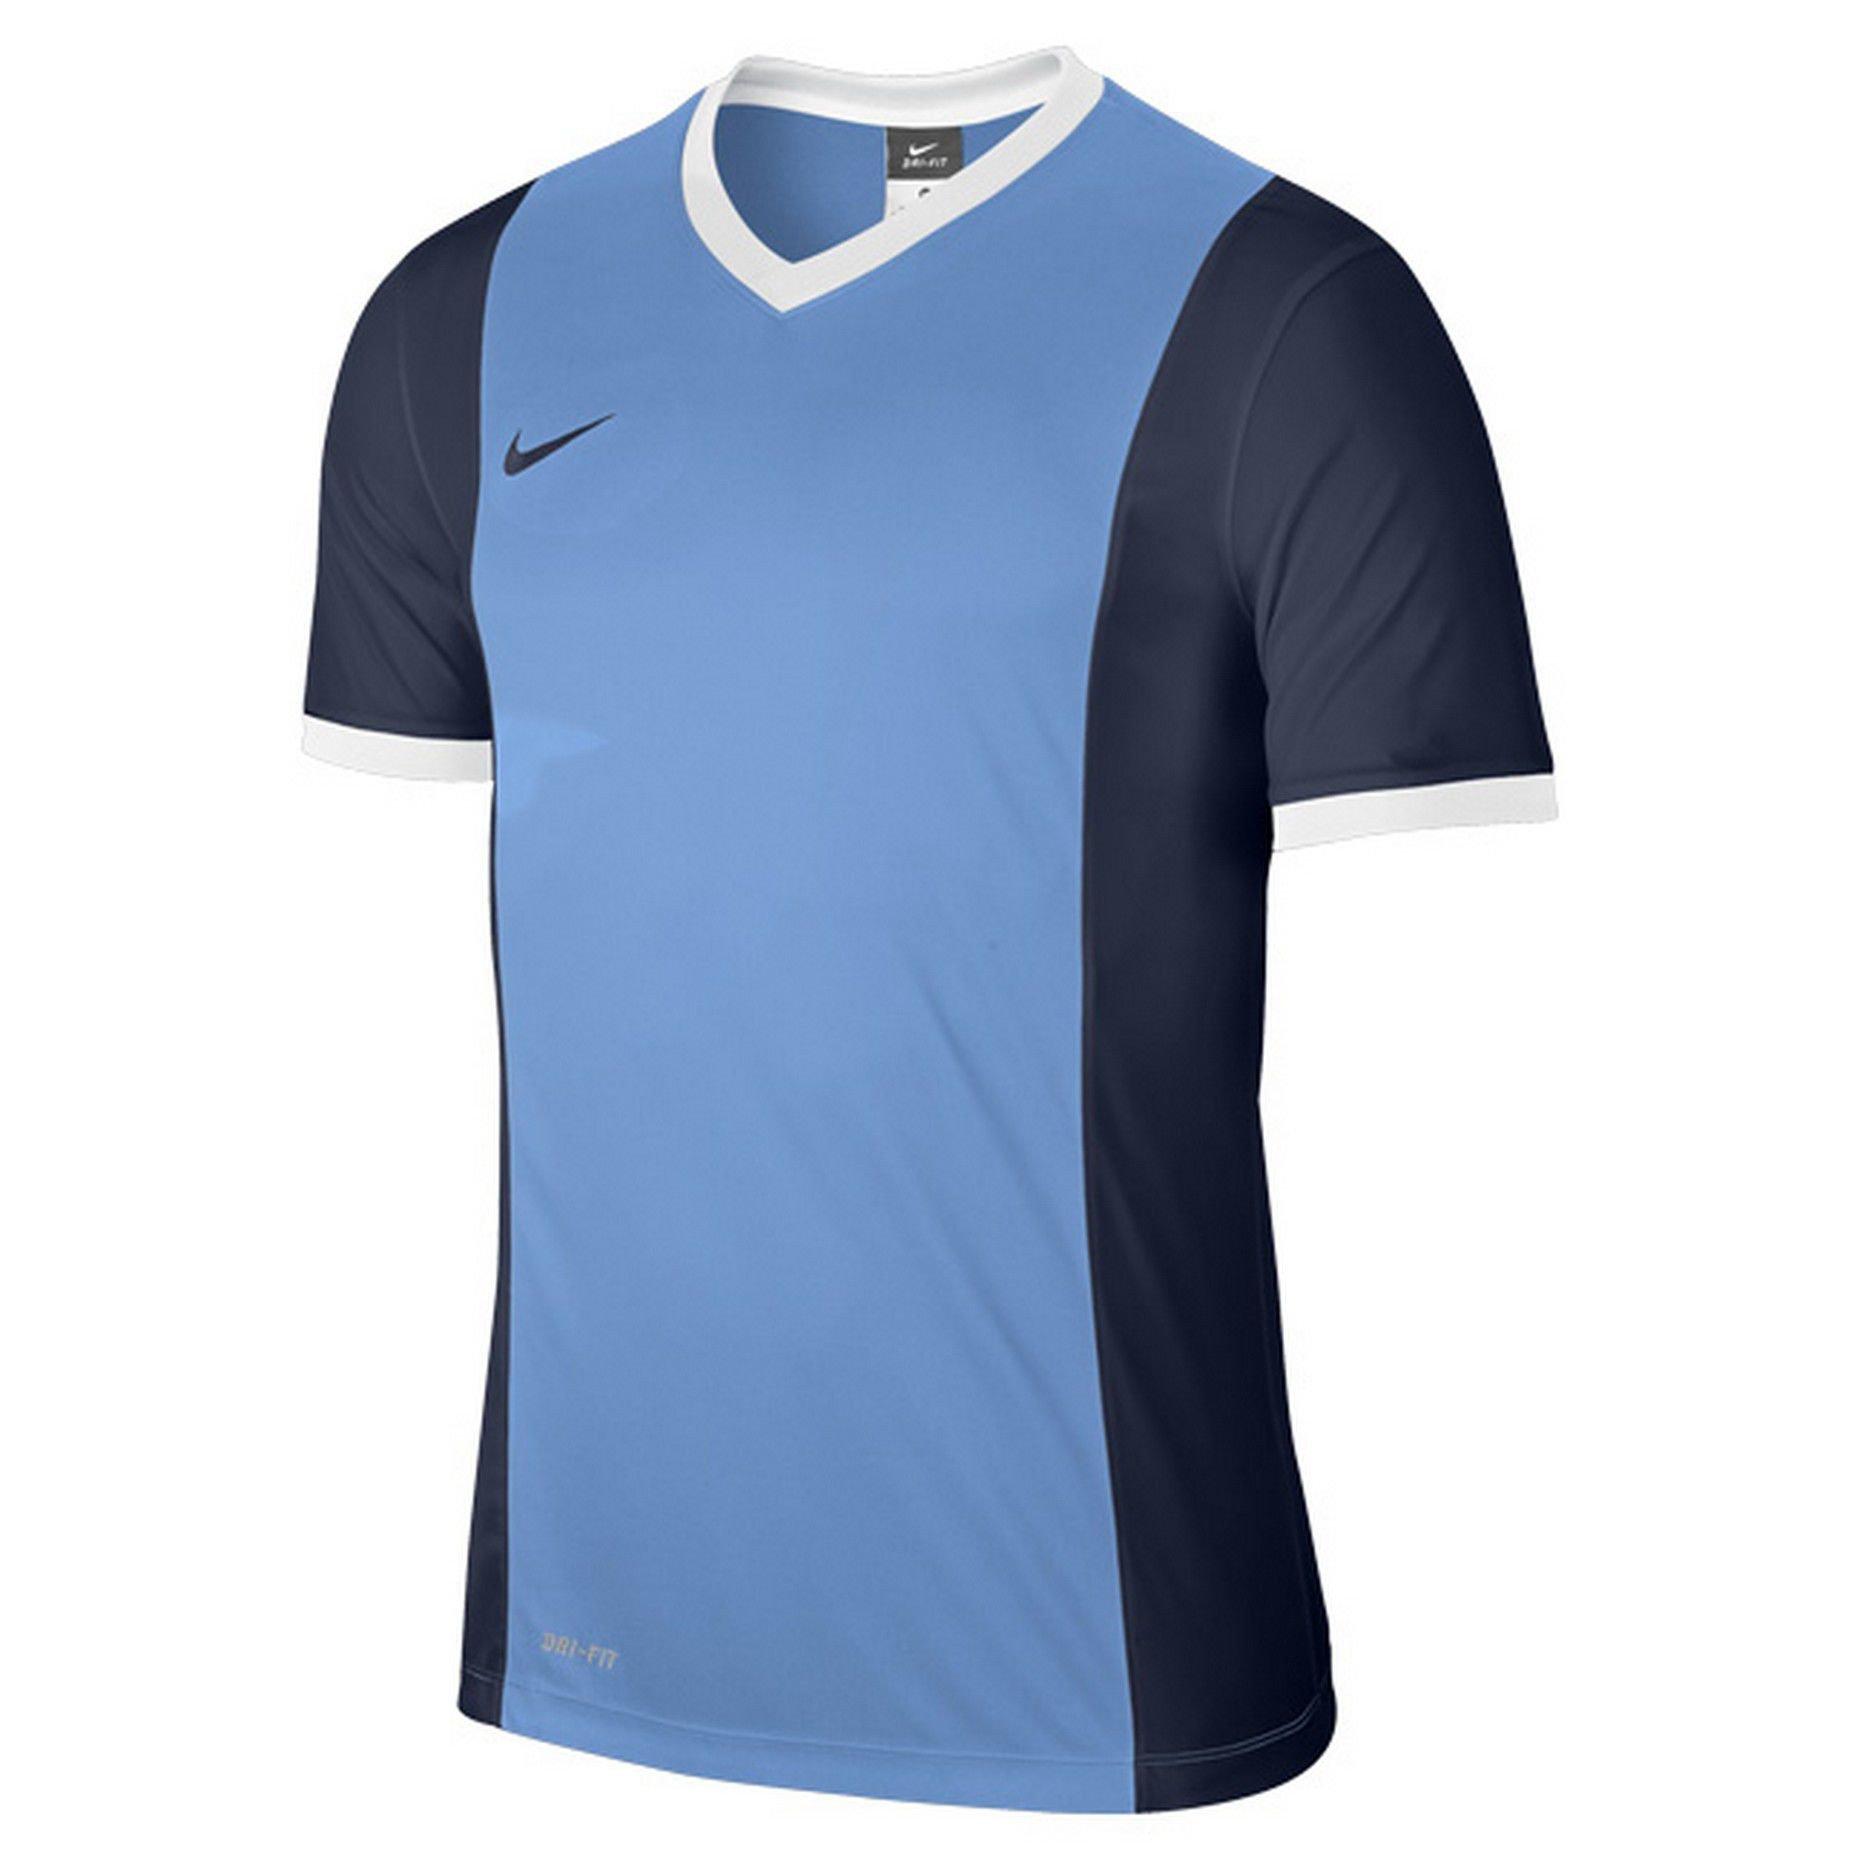 29cc187c233321 Koszulka Piłkarska Nike Park Derby Jersey (588413-412) Kliknij, aby  powiększyć ...